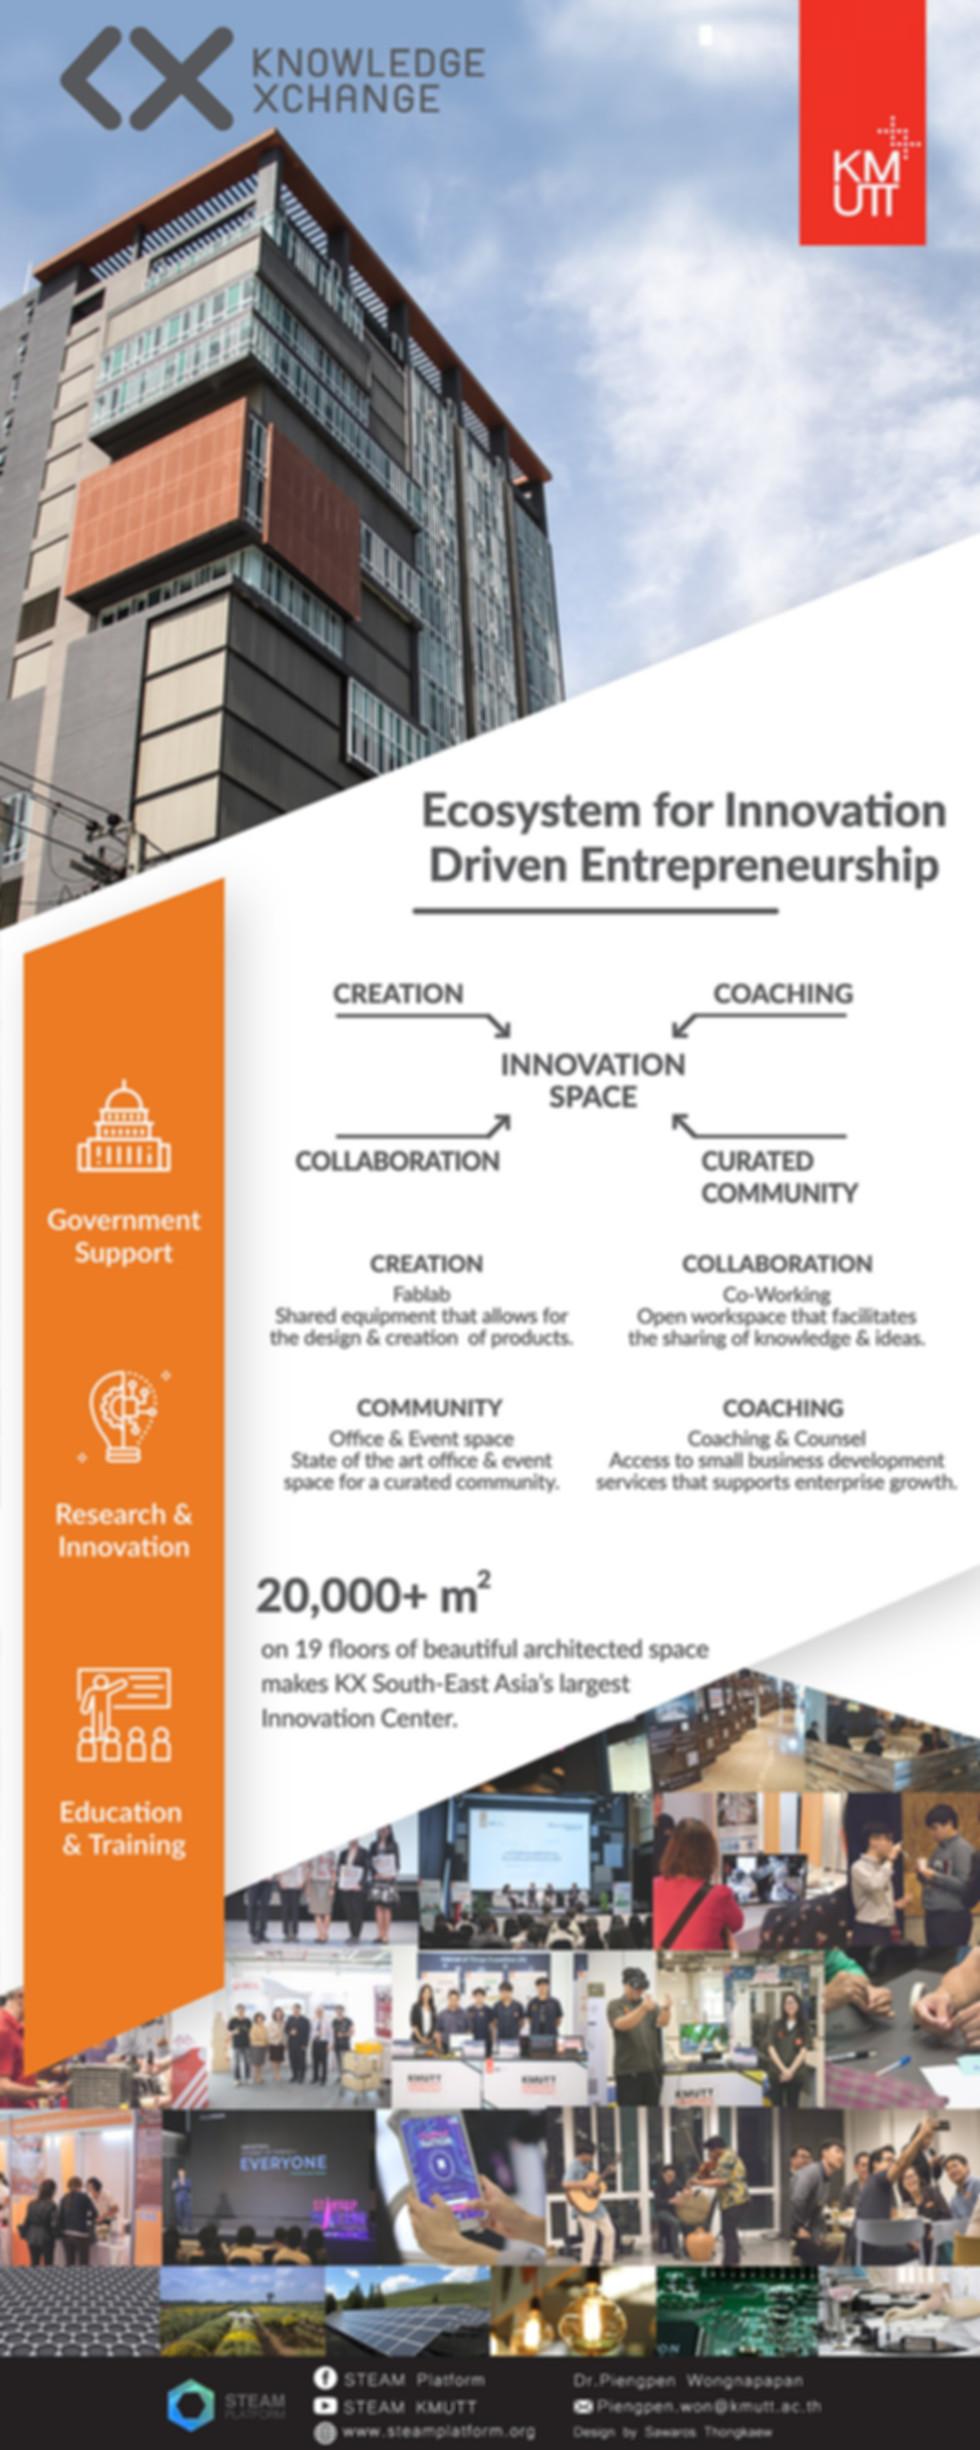 Ecosystem for Innovation Driven Entrepreneurship